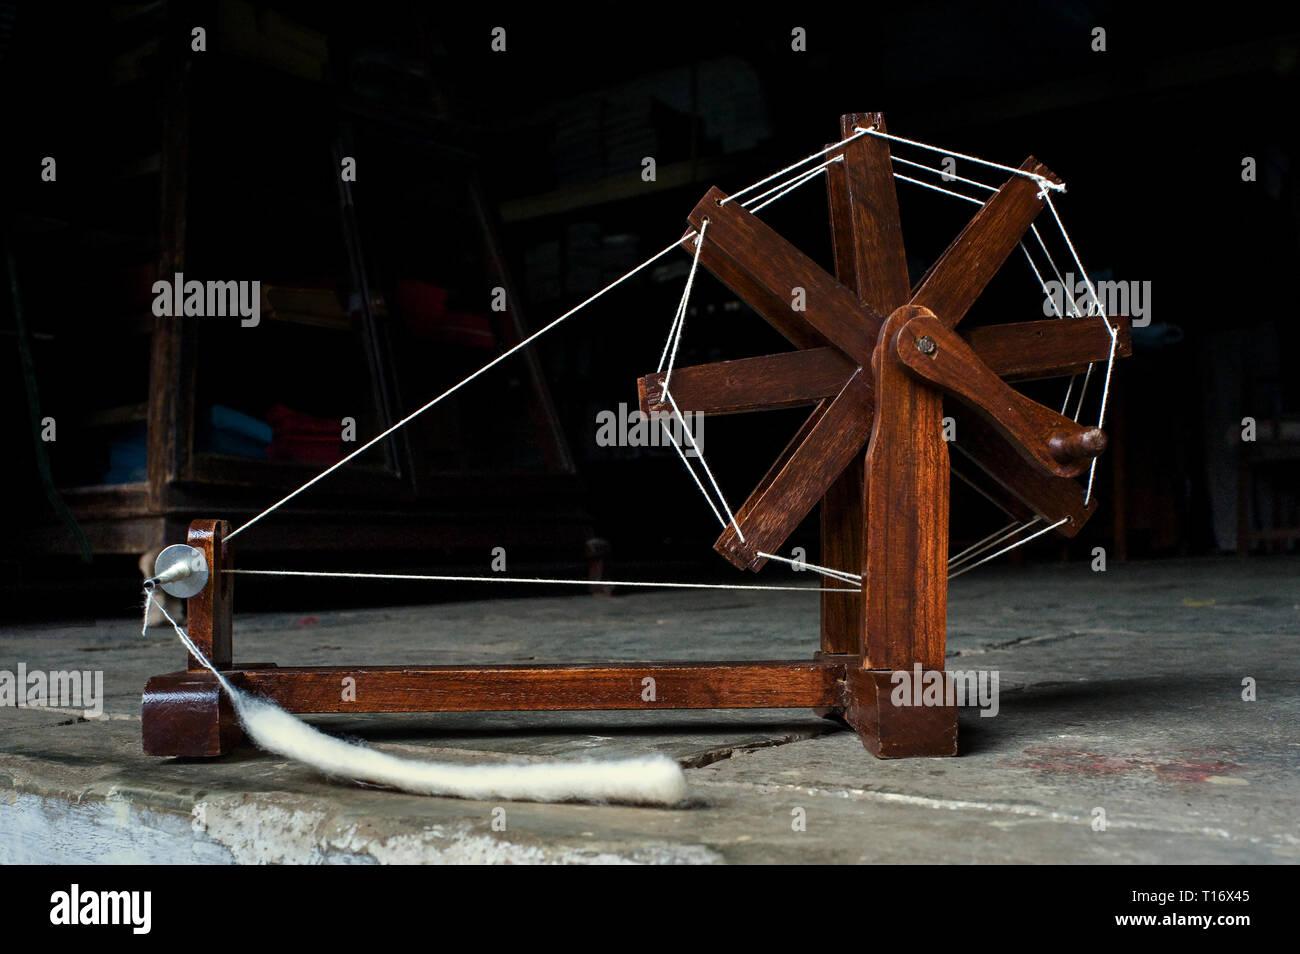 09-12-2010- Mahatma Gandhi charkha spinning wheel Ahmedabad